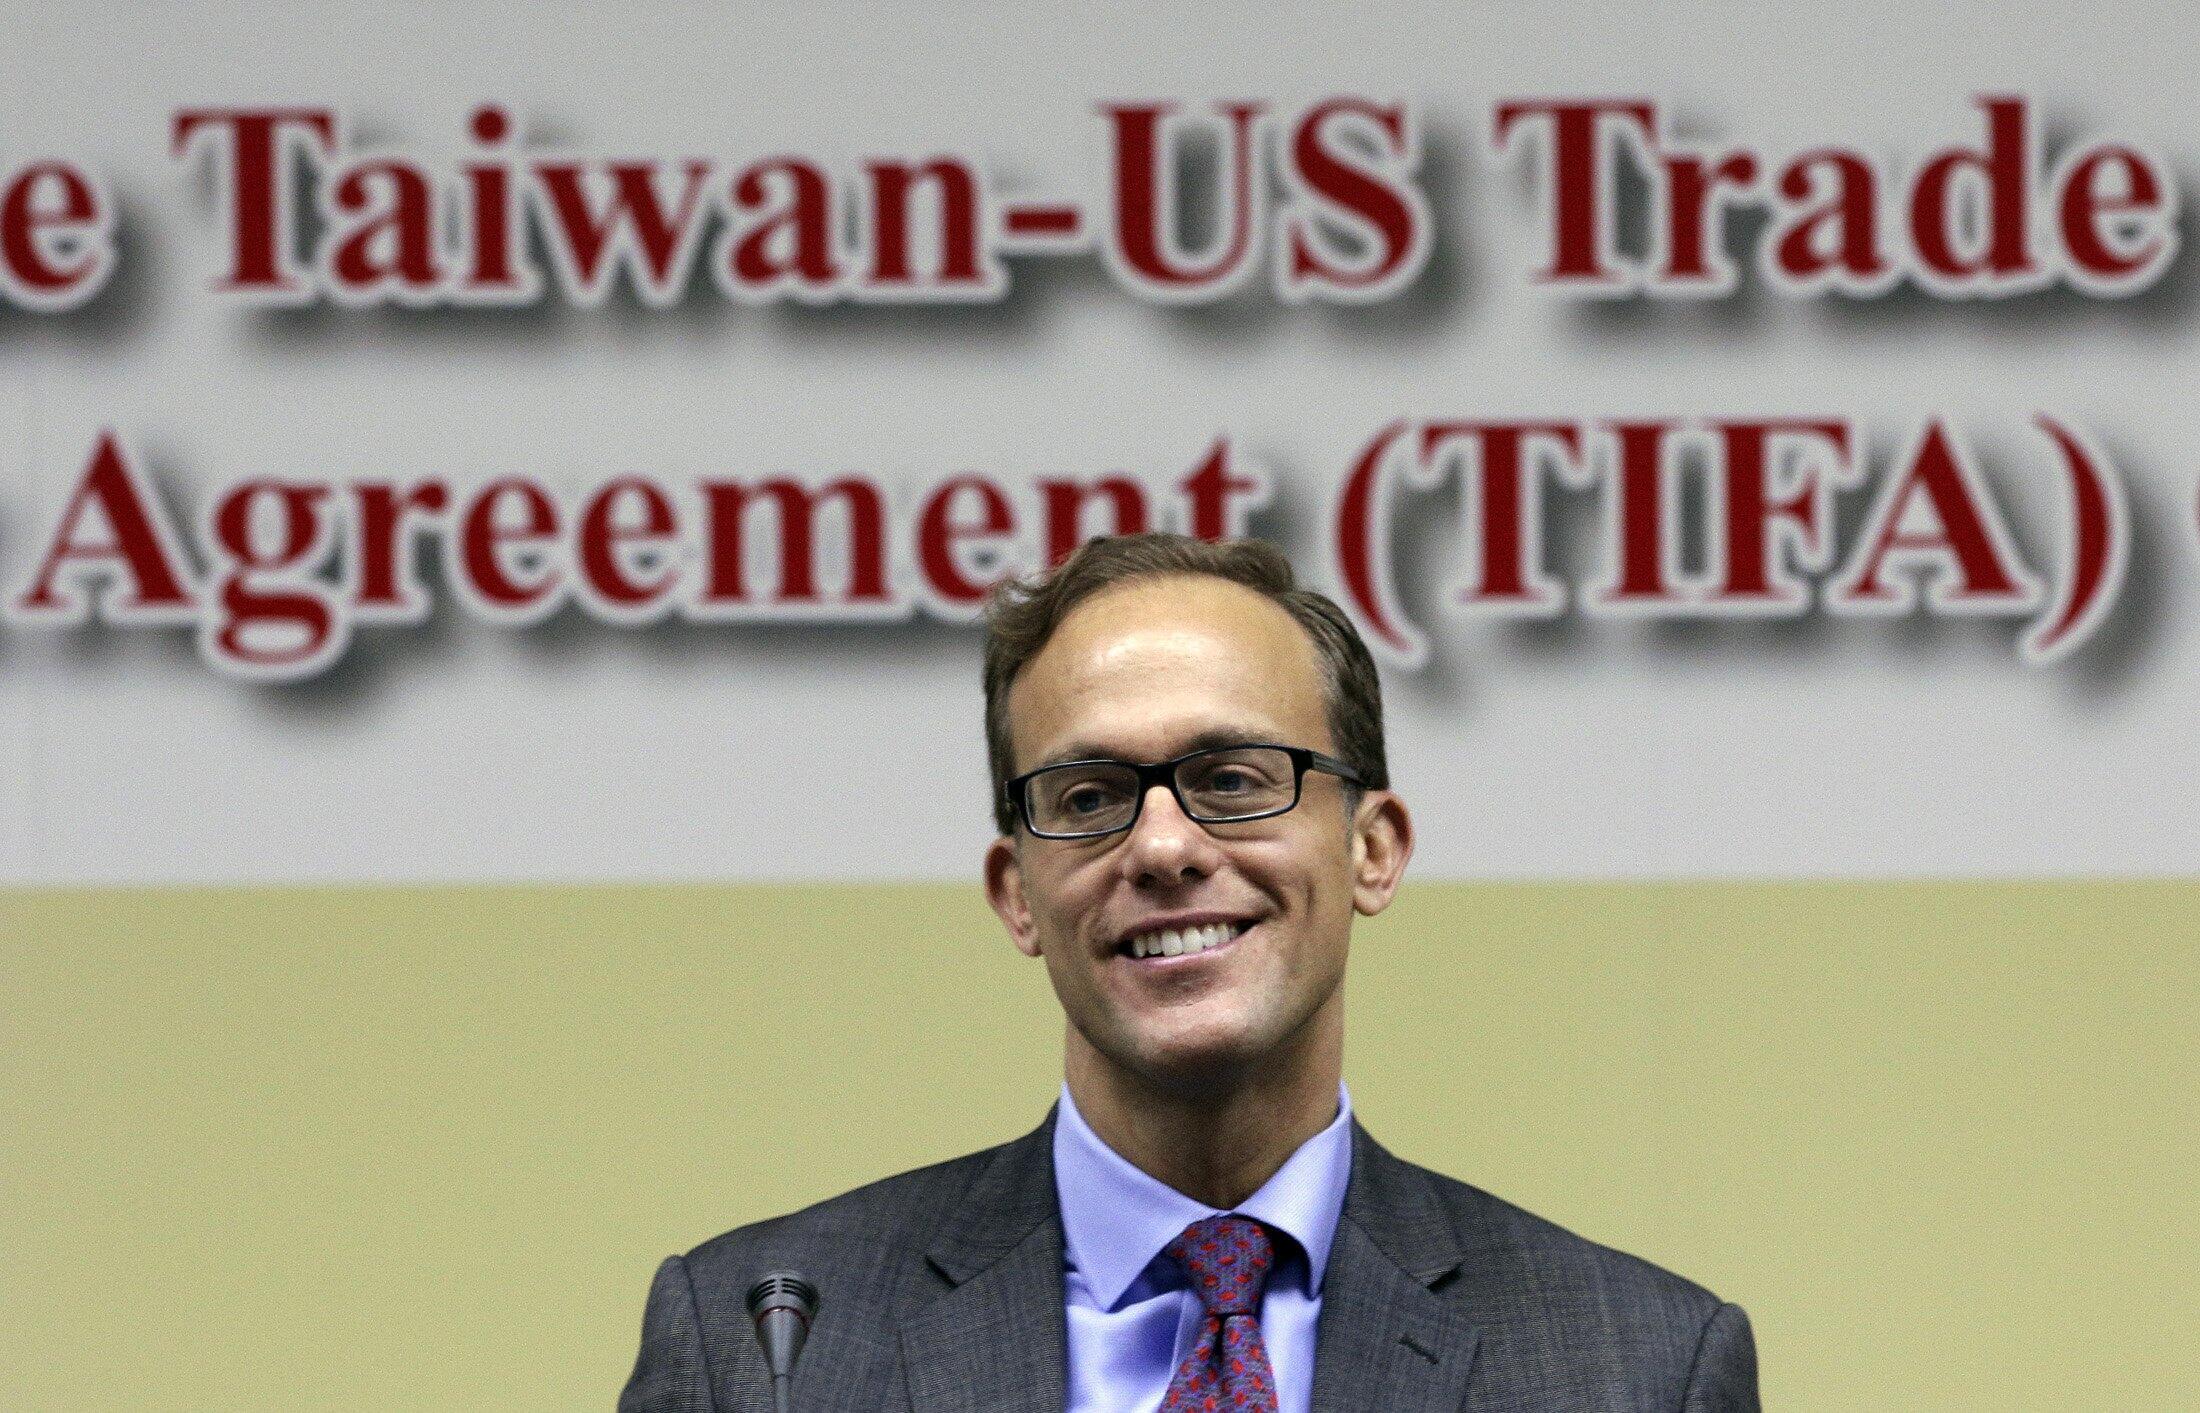 Ông Demetrios Marantis phó đại diện Thương mại Mỹ tại Đài Bắc sau vòng đàm phán về tự do mậu dịch giữa hai nước ngày 10/03/2013.